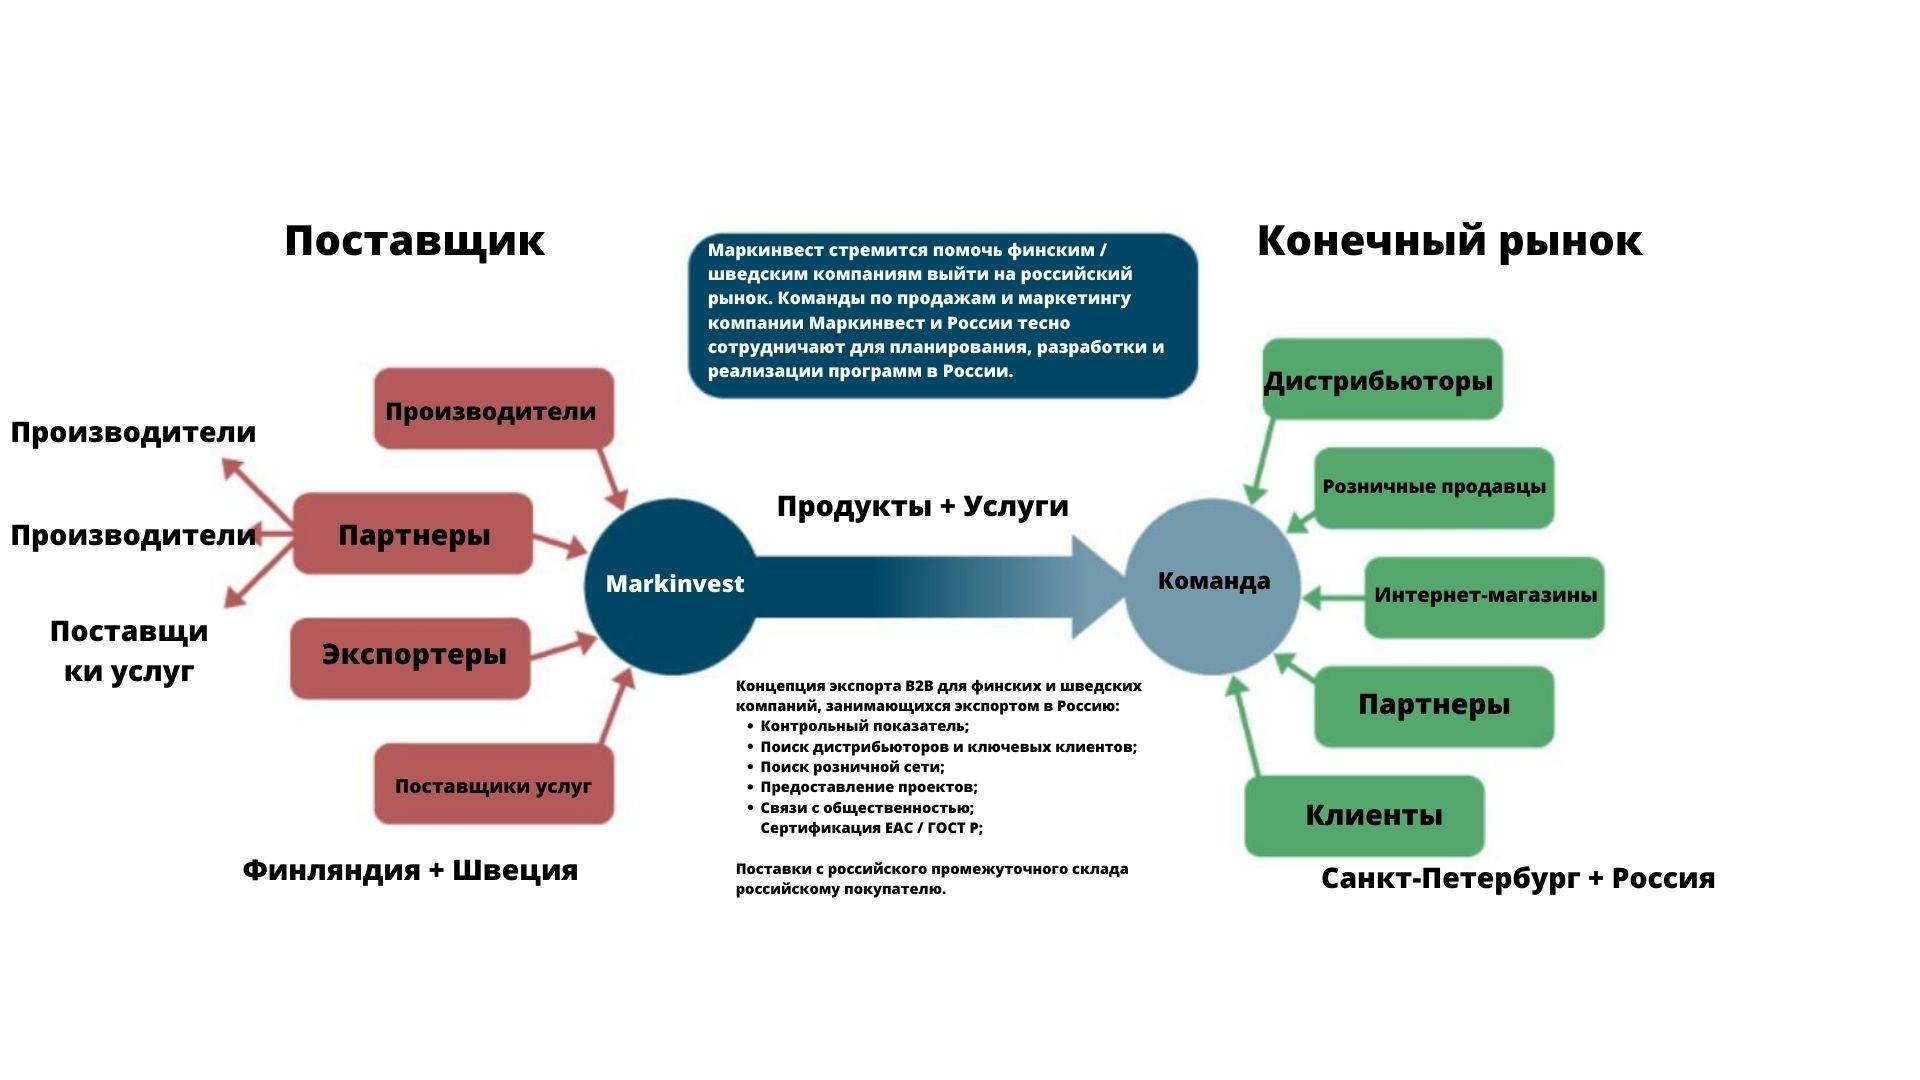 Бизнес-модель трансграничного сотрудничества компании Маркинвест